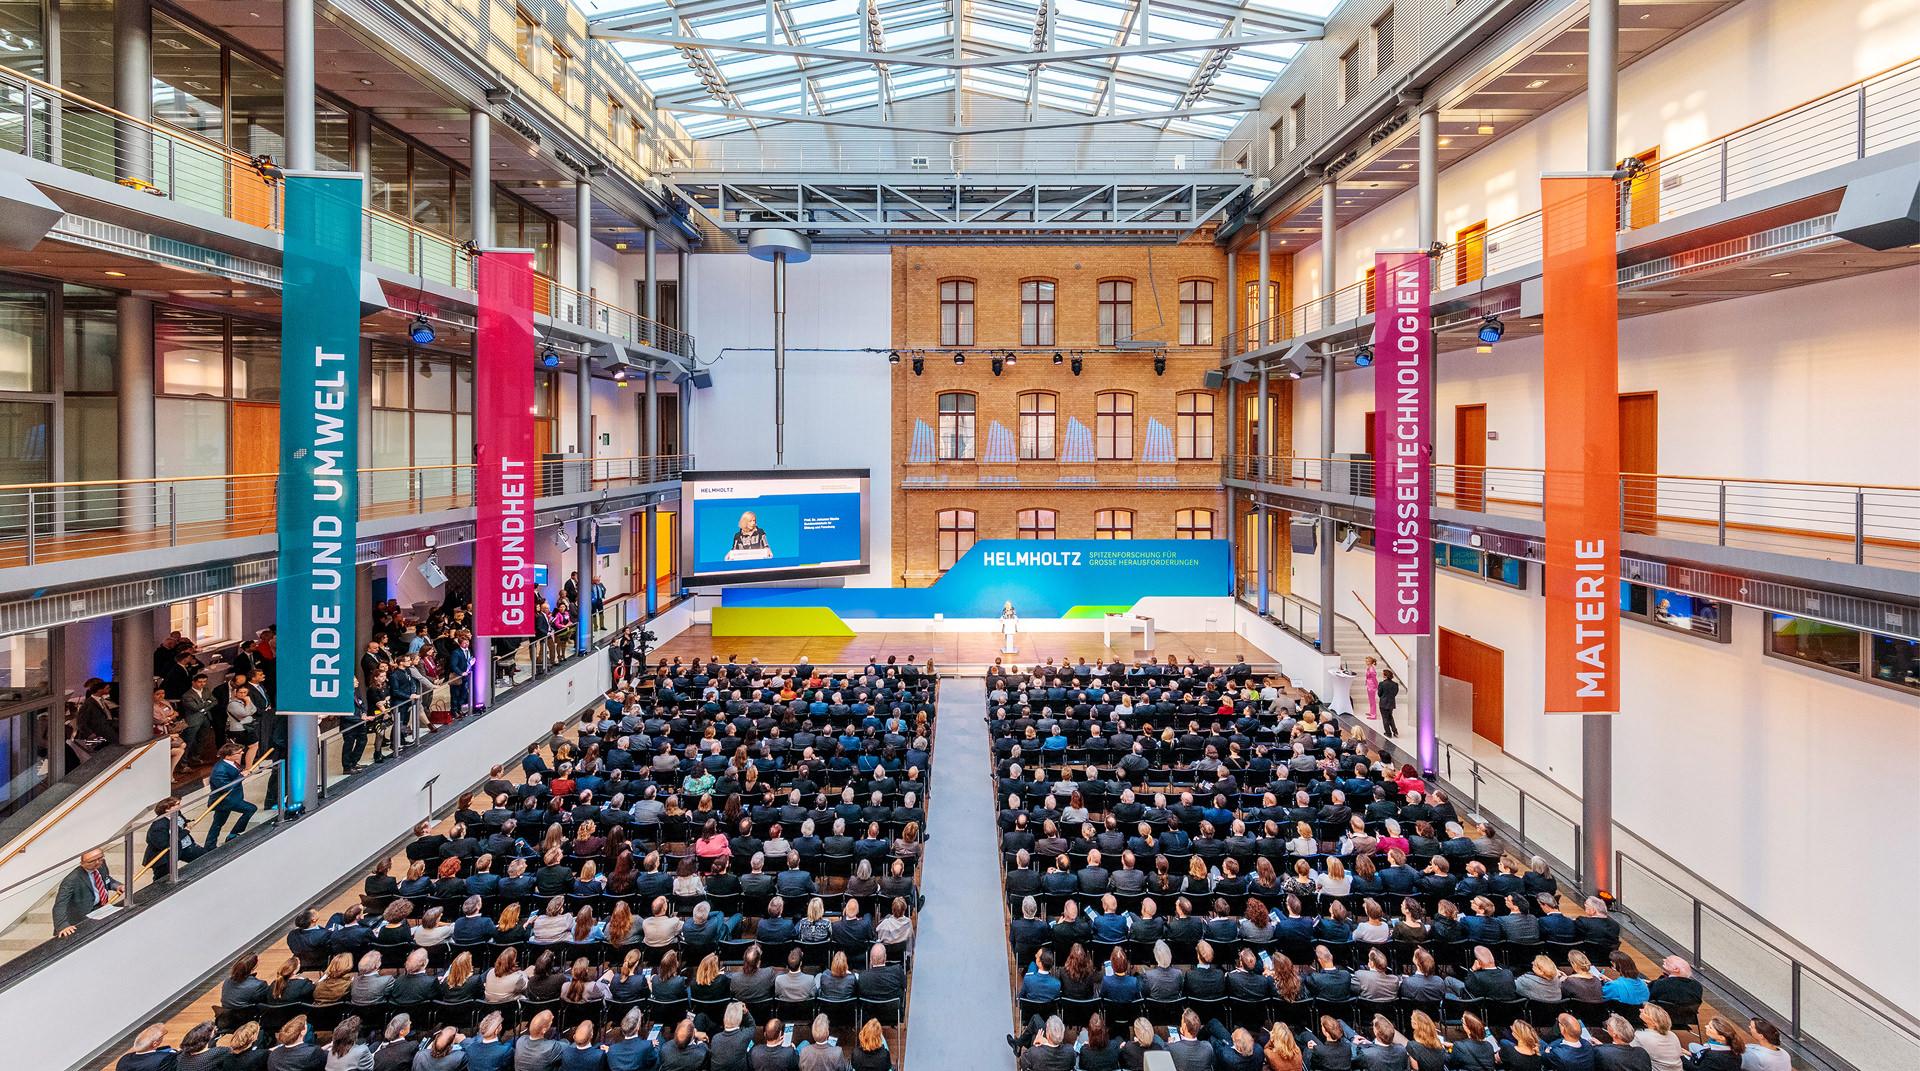 Viele Gäste im Saal bei einem Kongress in Berlin